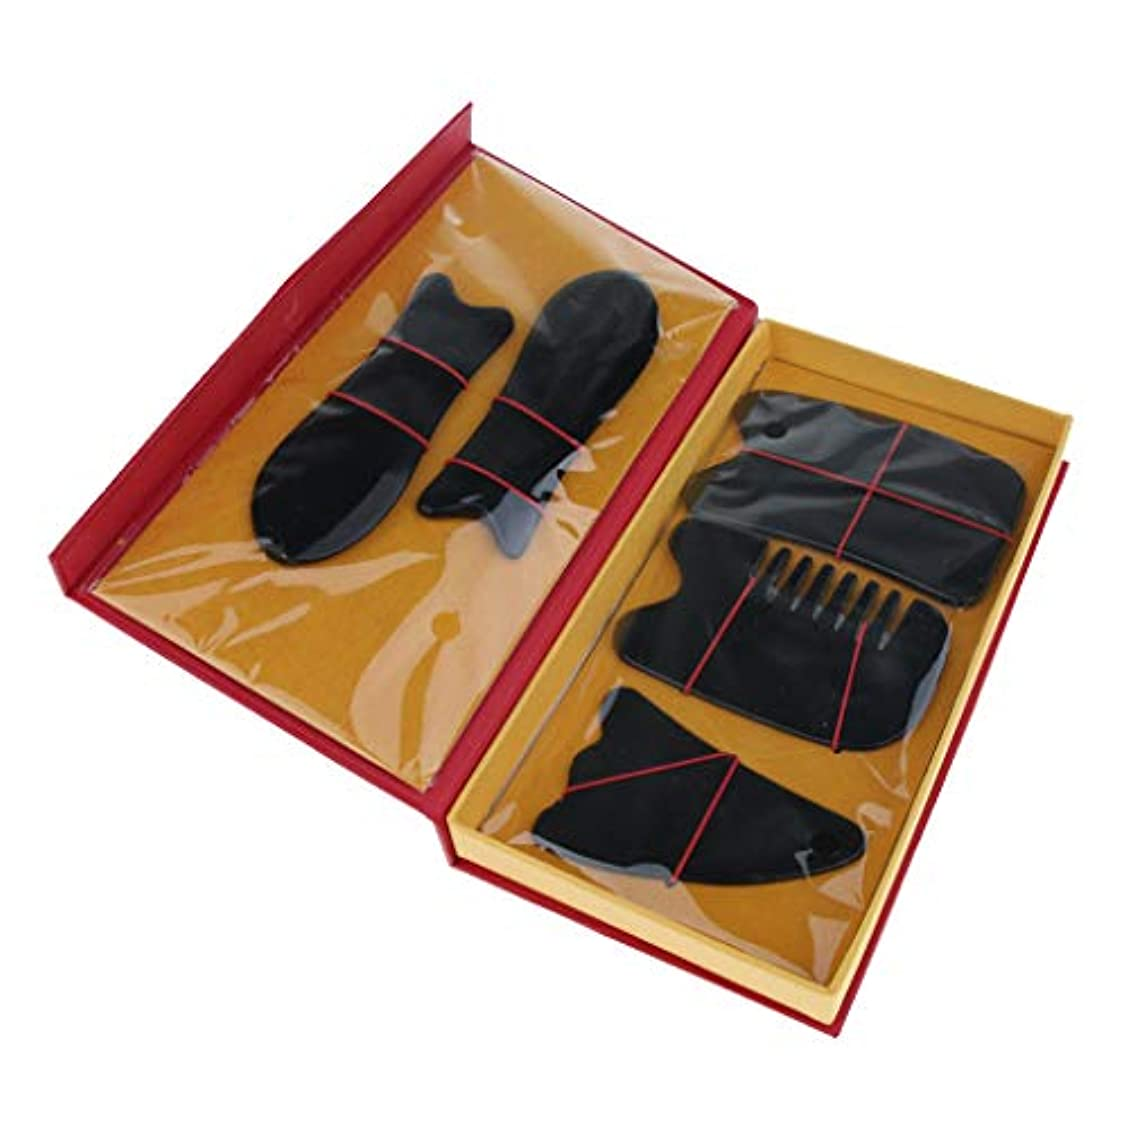 速記ジョージハンブリー異常な5本セット マッサージボード スクレイピングマッサージ スクレーパーツール 2色選べ - ブラック